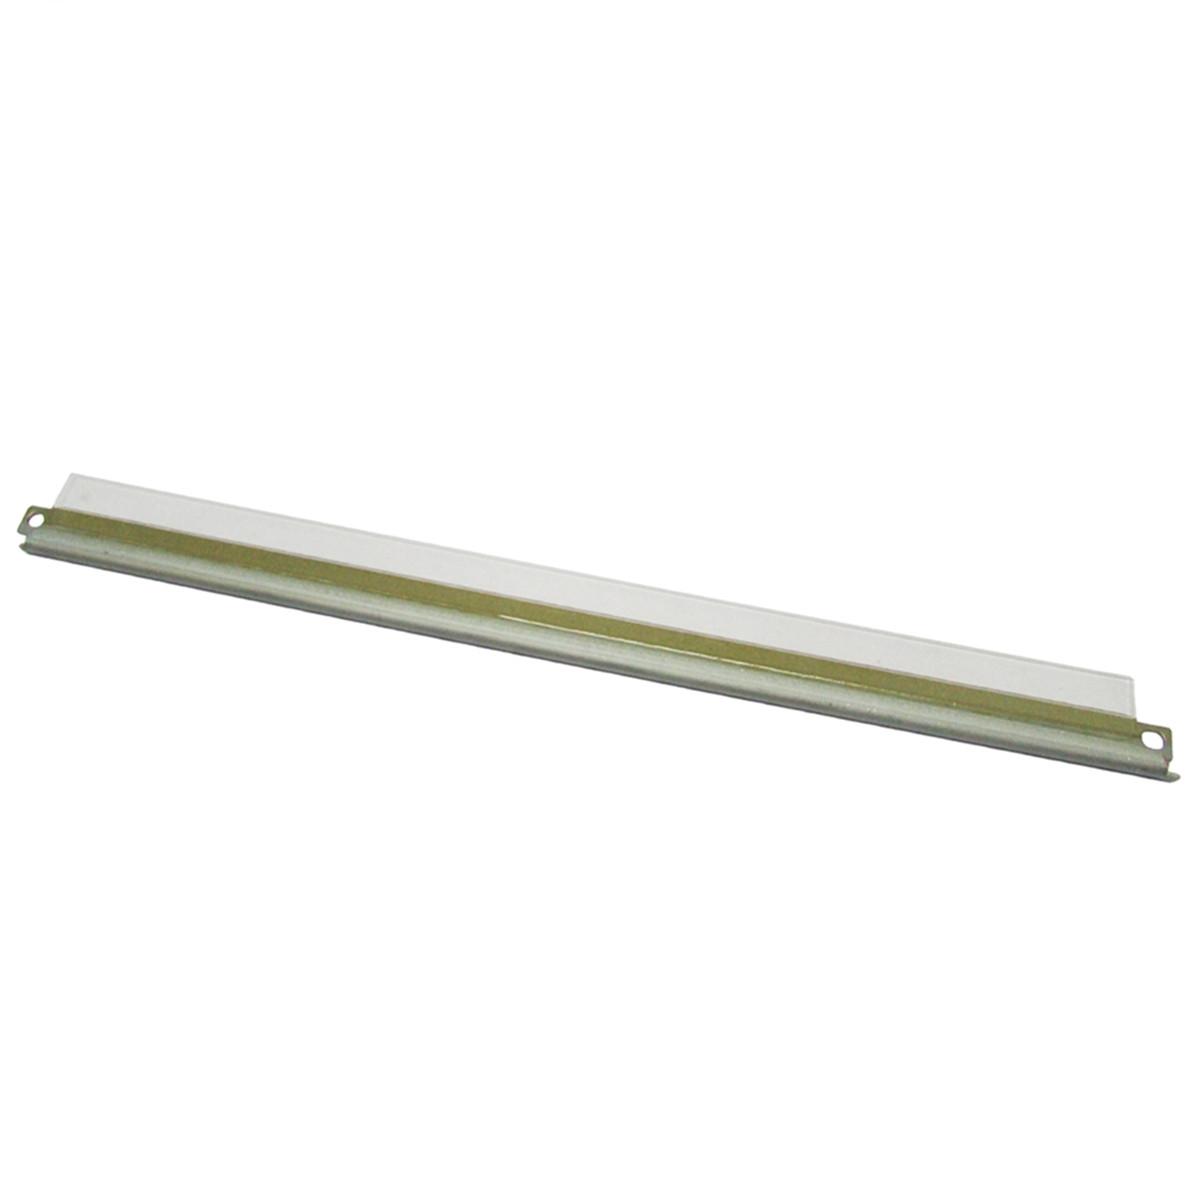 Lâmina de Limpeza Samsung D203 D203L D203E D203U | M3320 M3820 M4020 M3370 M3870 M4070